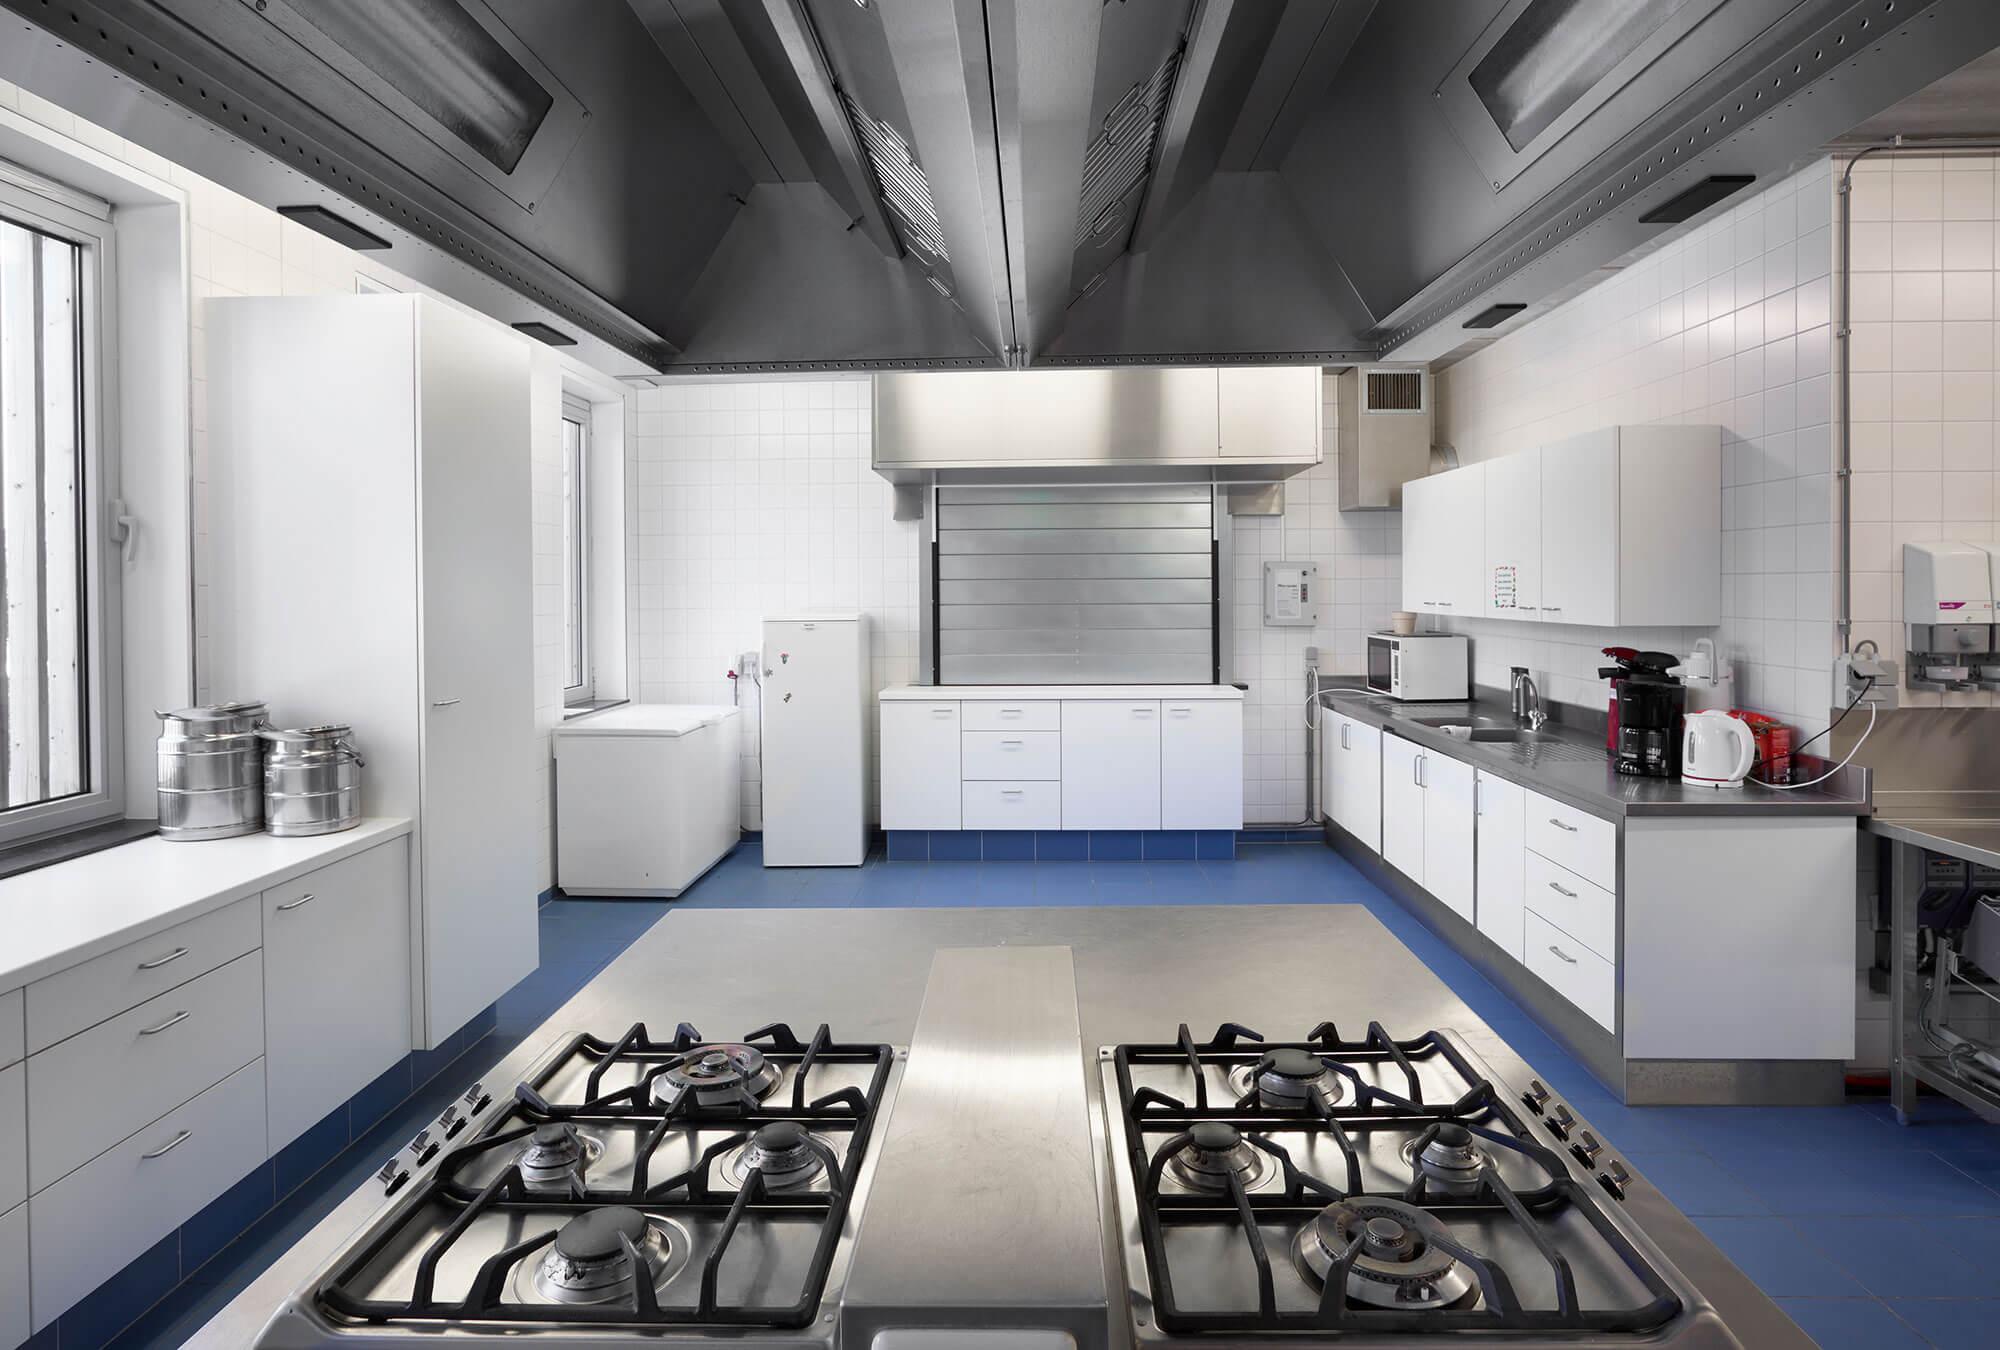 Er werd een industriële keuken voorzien in het gebouw